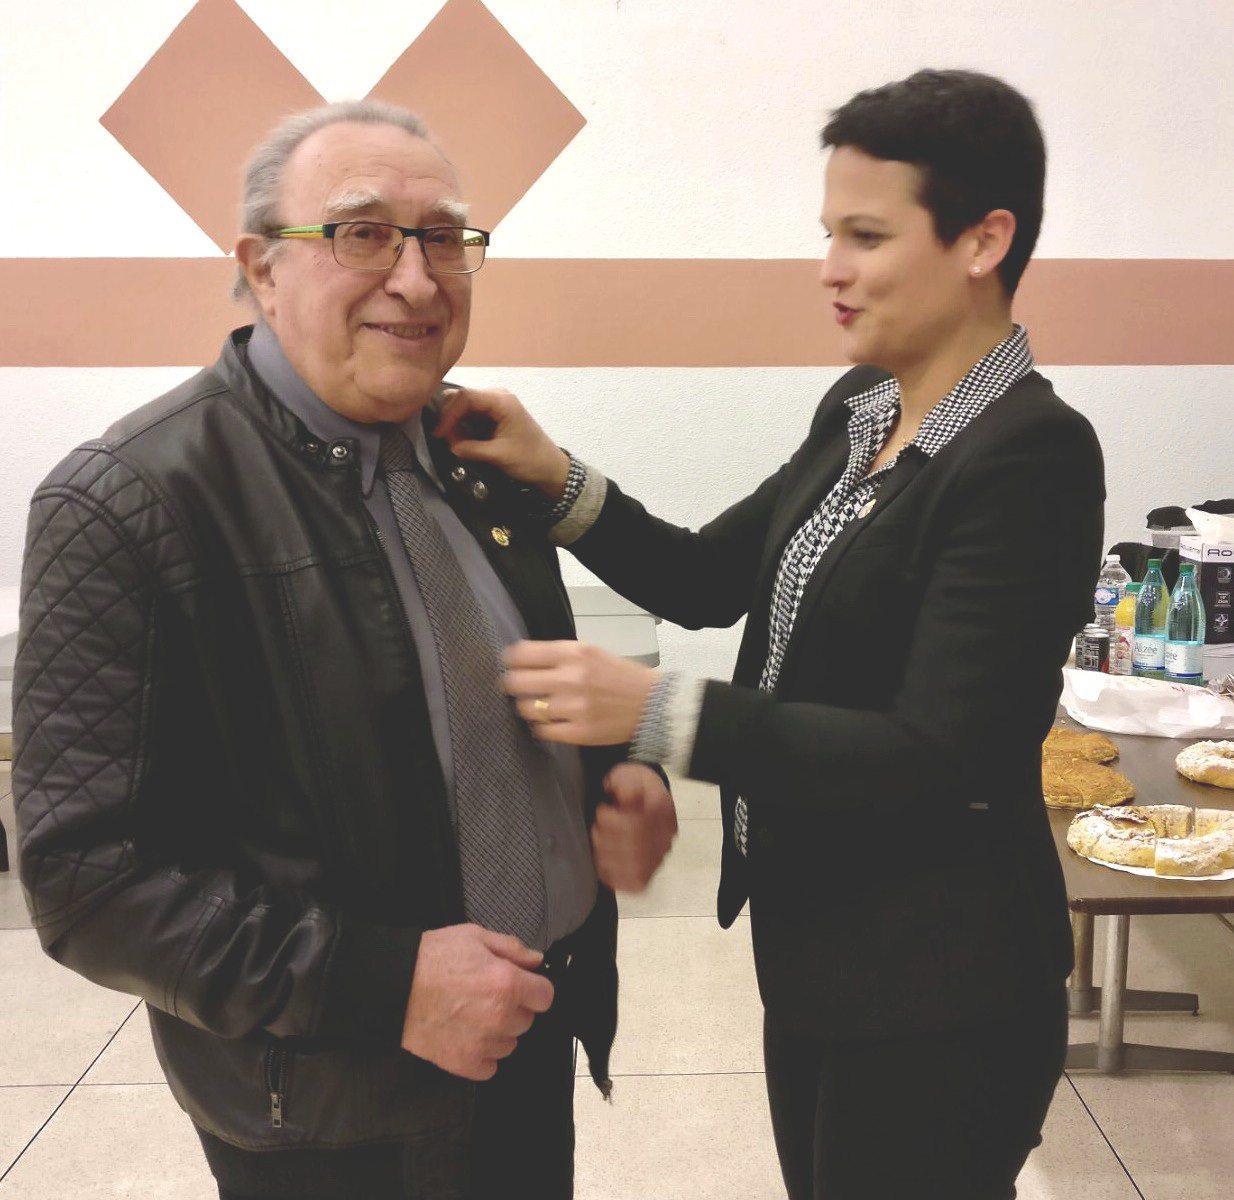 Marcel Caduc, past président, a été honoré du PHF (Paul Harris Fellow) par Floriane Cercio .